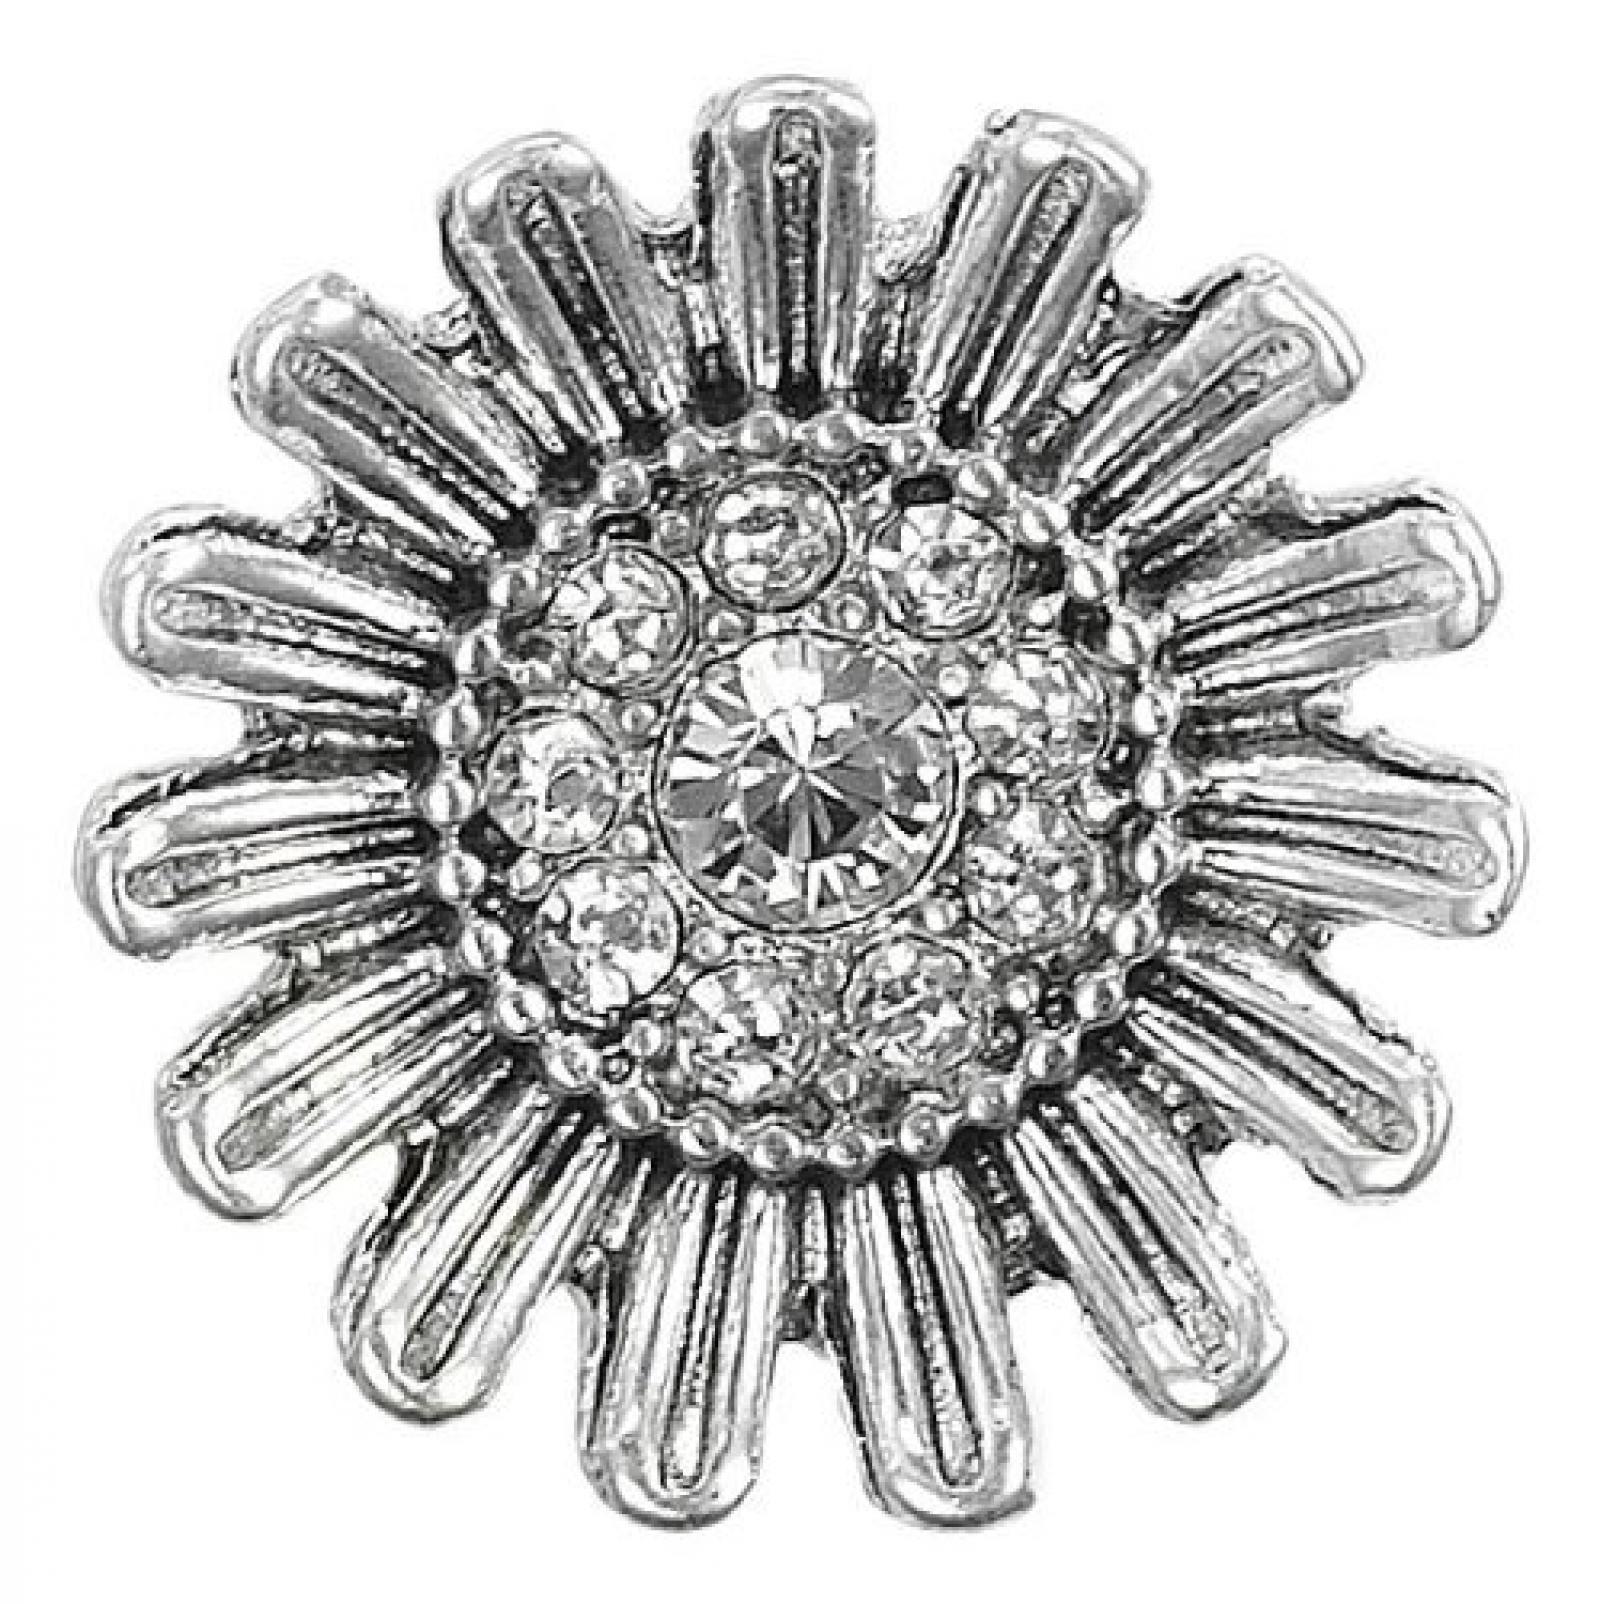 Pilgrim Damen-Anhänger charming versilbert kristall 42114-6007